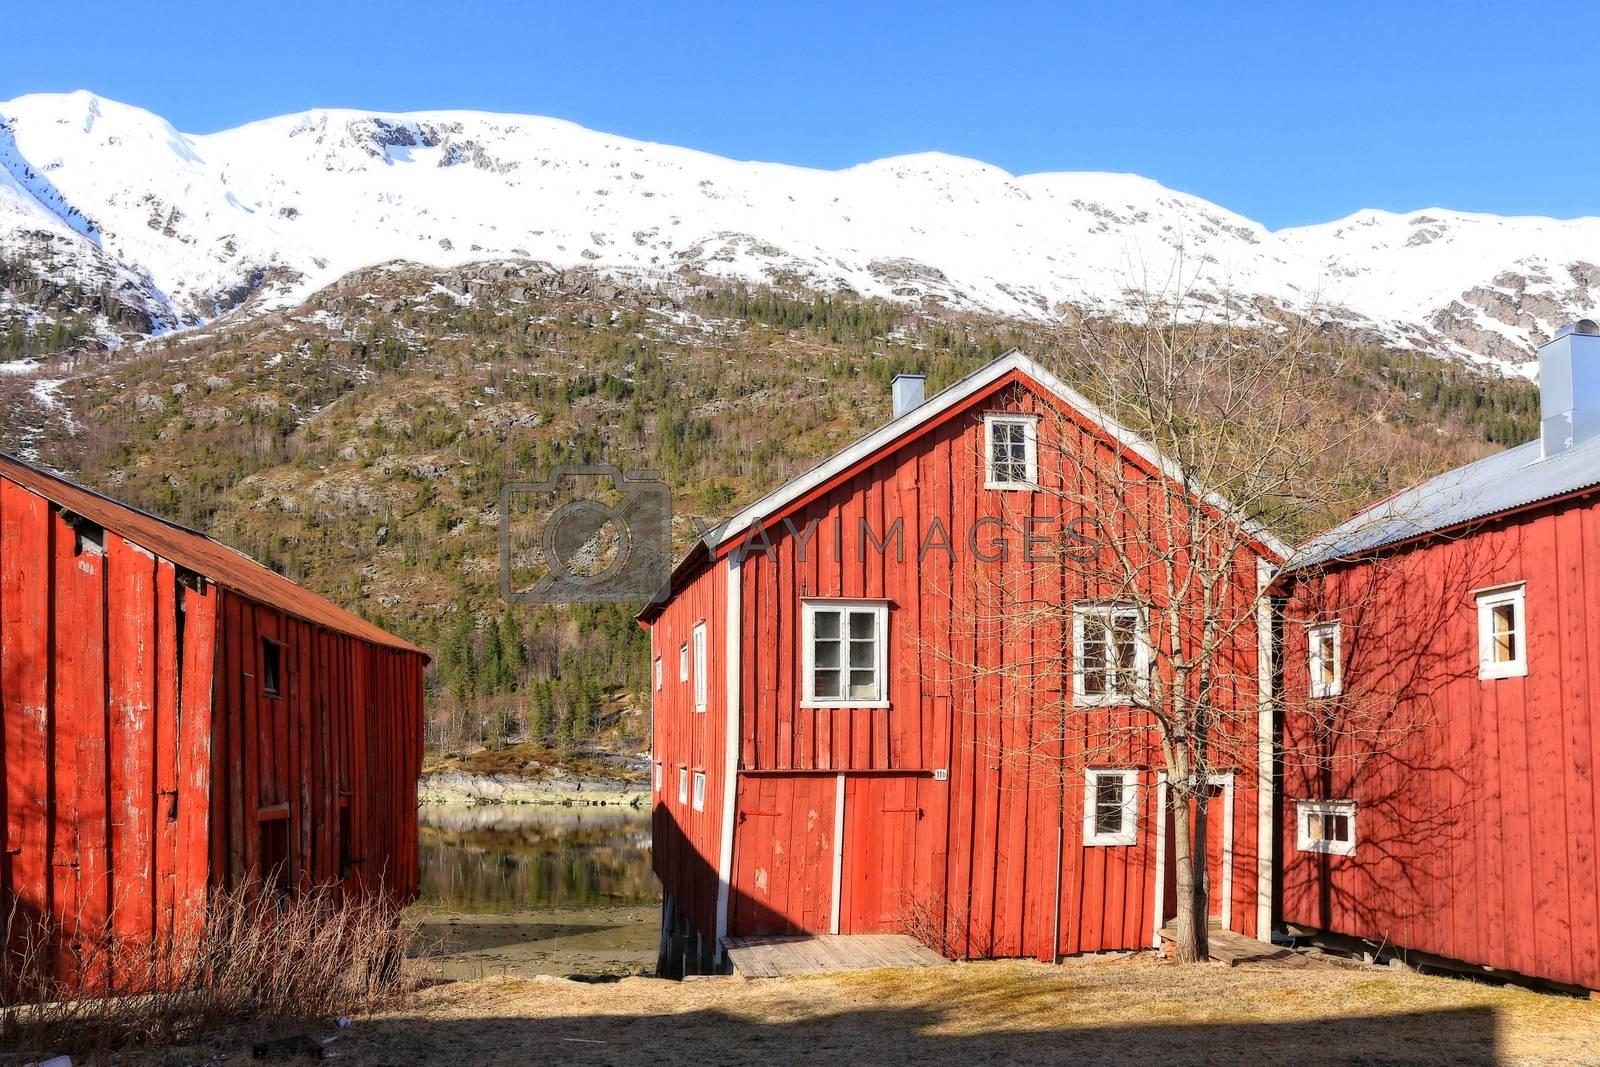 Sjøgata i Mosjøen består av Nord-Norges lengste rekke av trehus og -brygger fra 1800-tallet, og er en av byens mest kjente severdigheter. Mye av bebyggelsen i Sjøgata er fredet, og det er lagt vekt på riktig bruk av gamle byggeteknikker, redskaper, detaljer og farger.